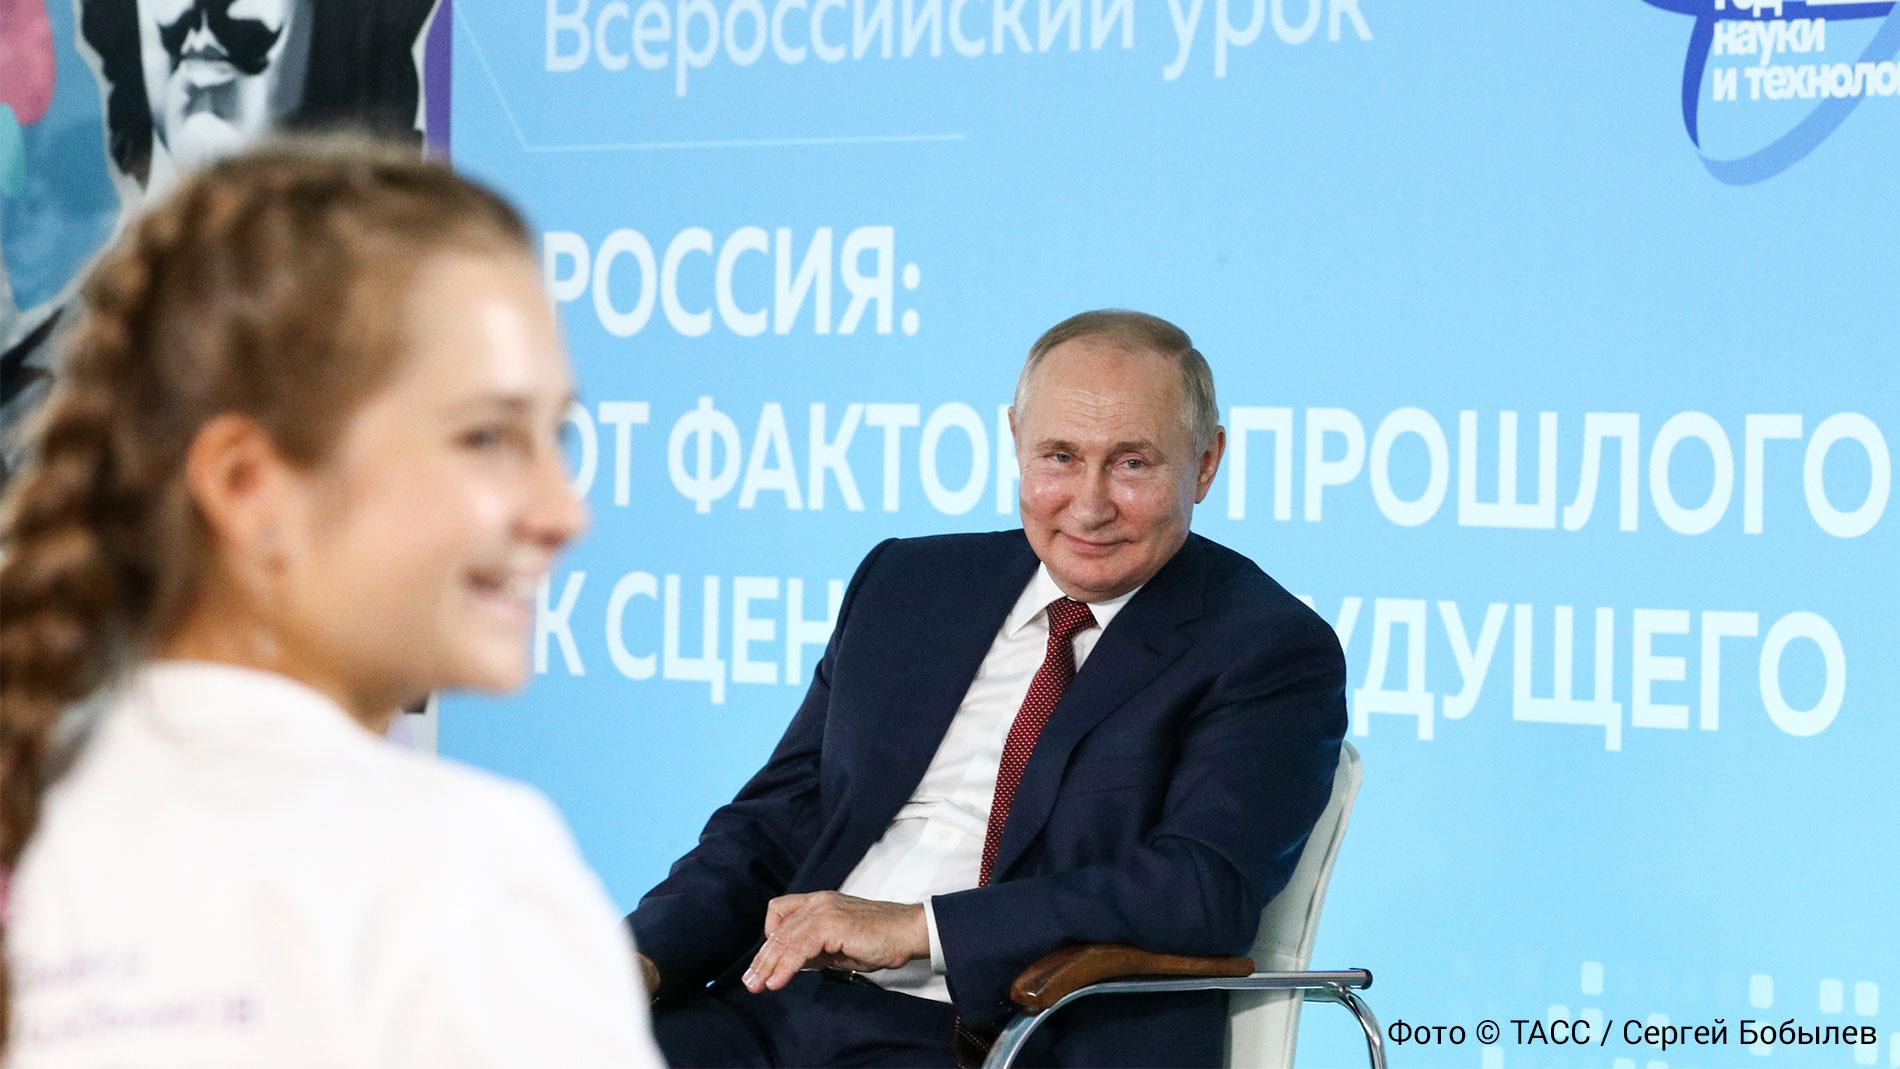 Открытый урок Путина: Обращение президента к истории может изменить геополитическую карту, и наши соседи это понимают